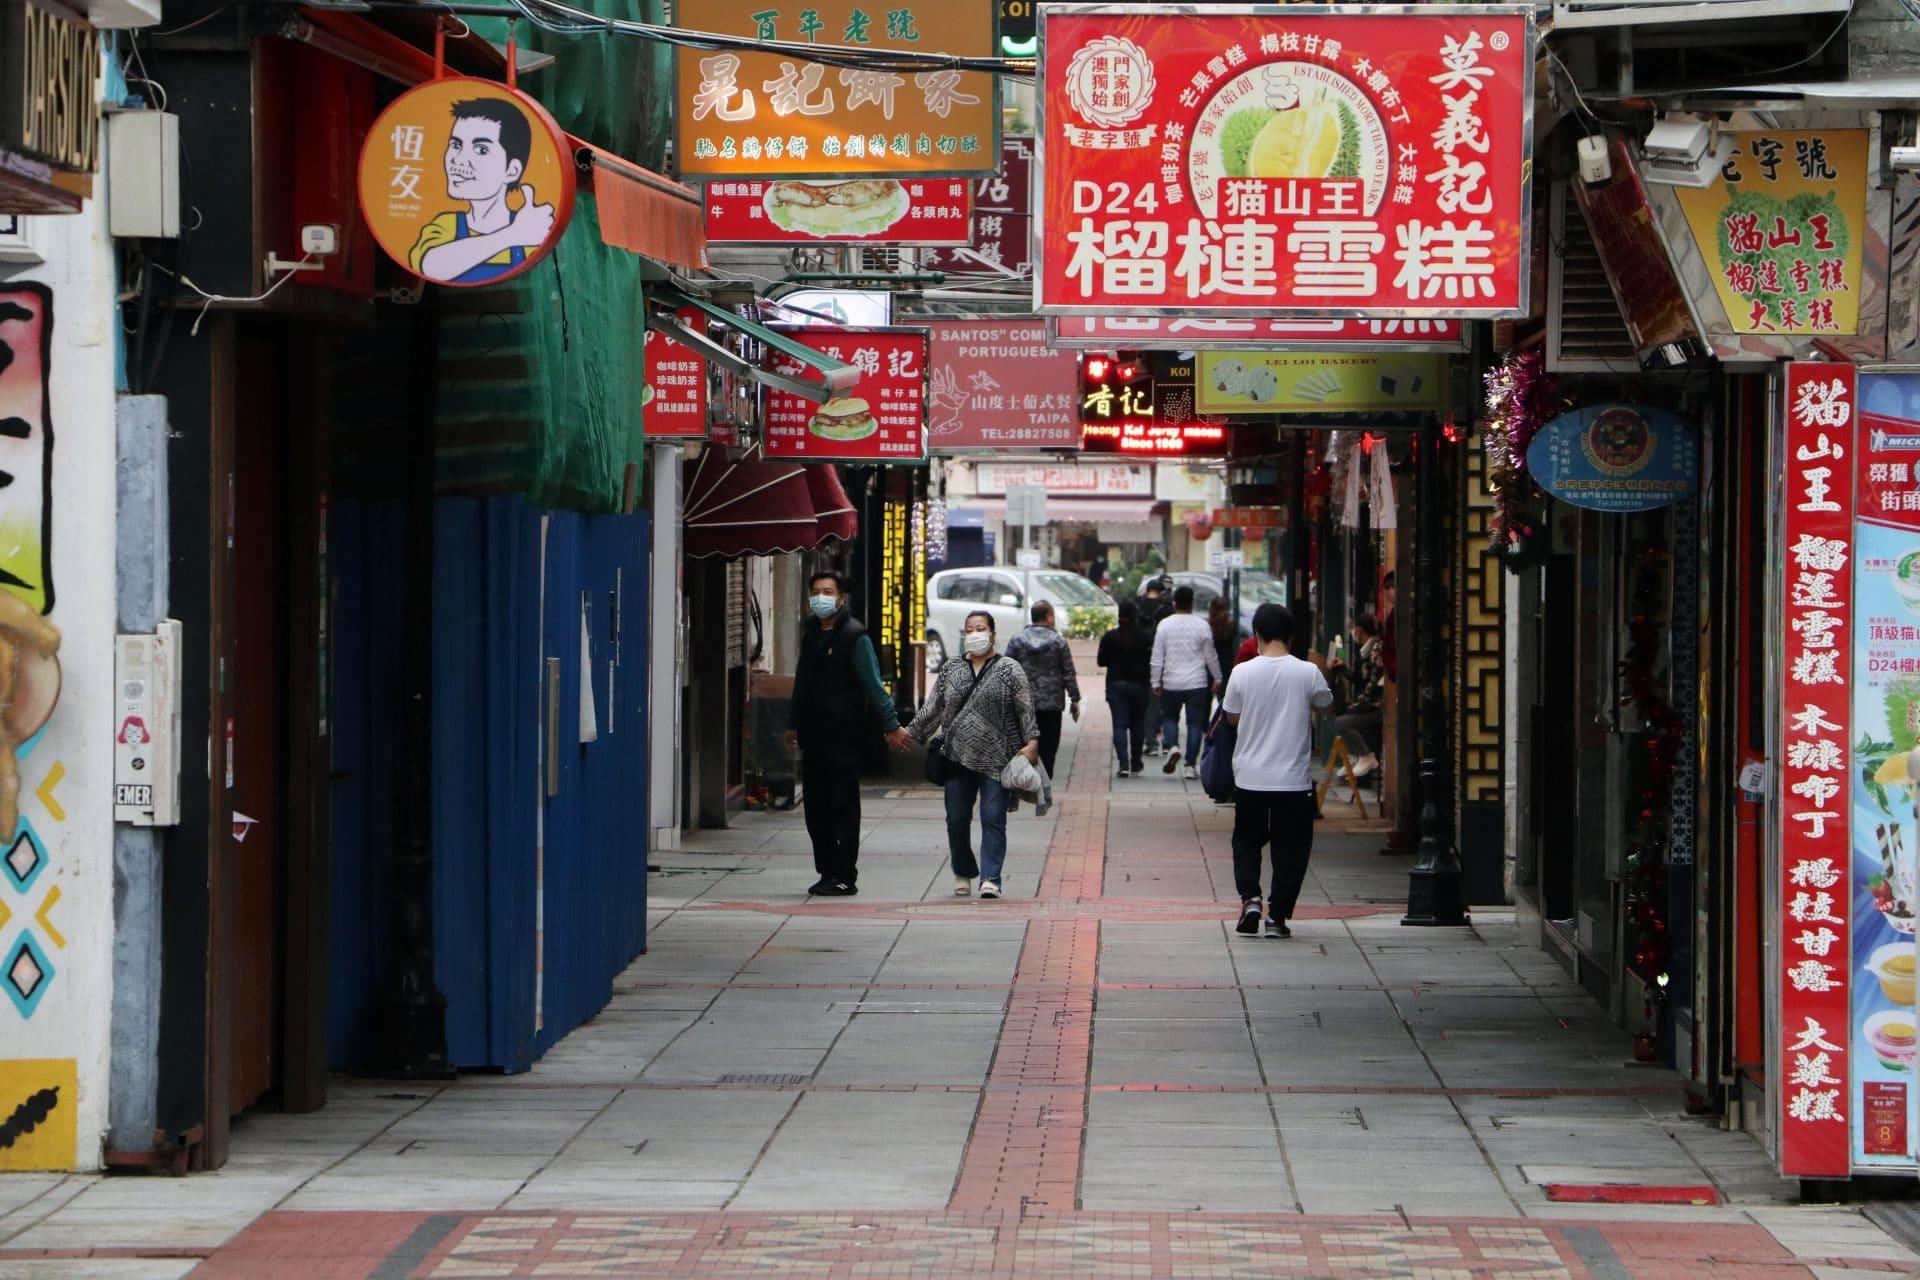 Macau Photo Agency JWWPnil9z9Q Unsplash